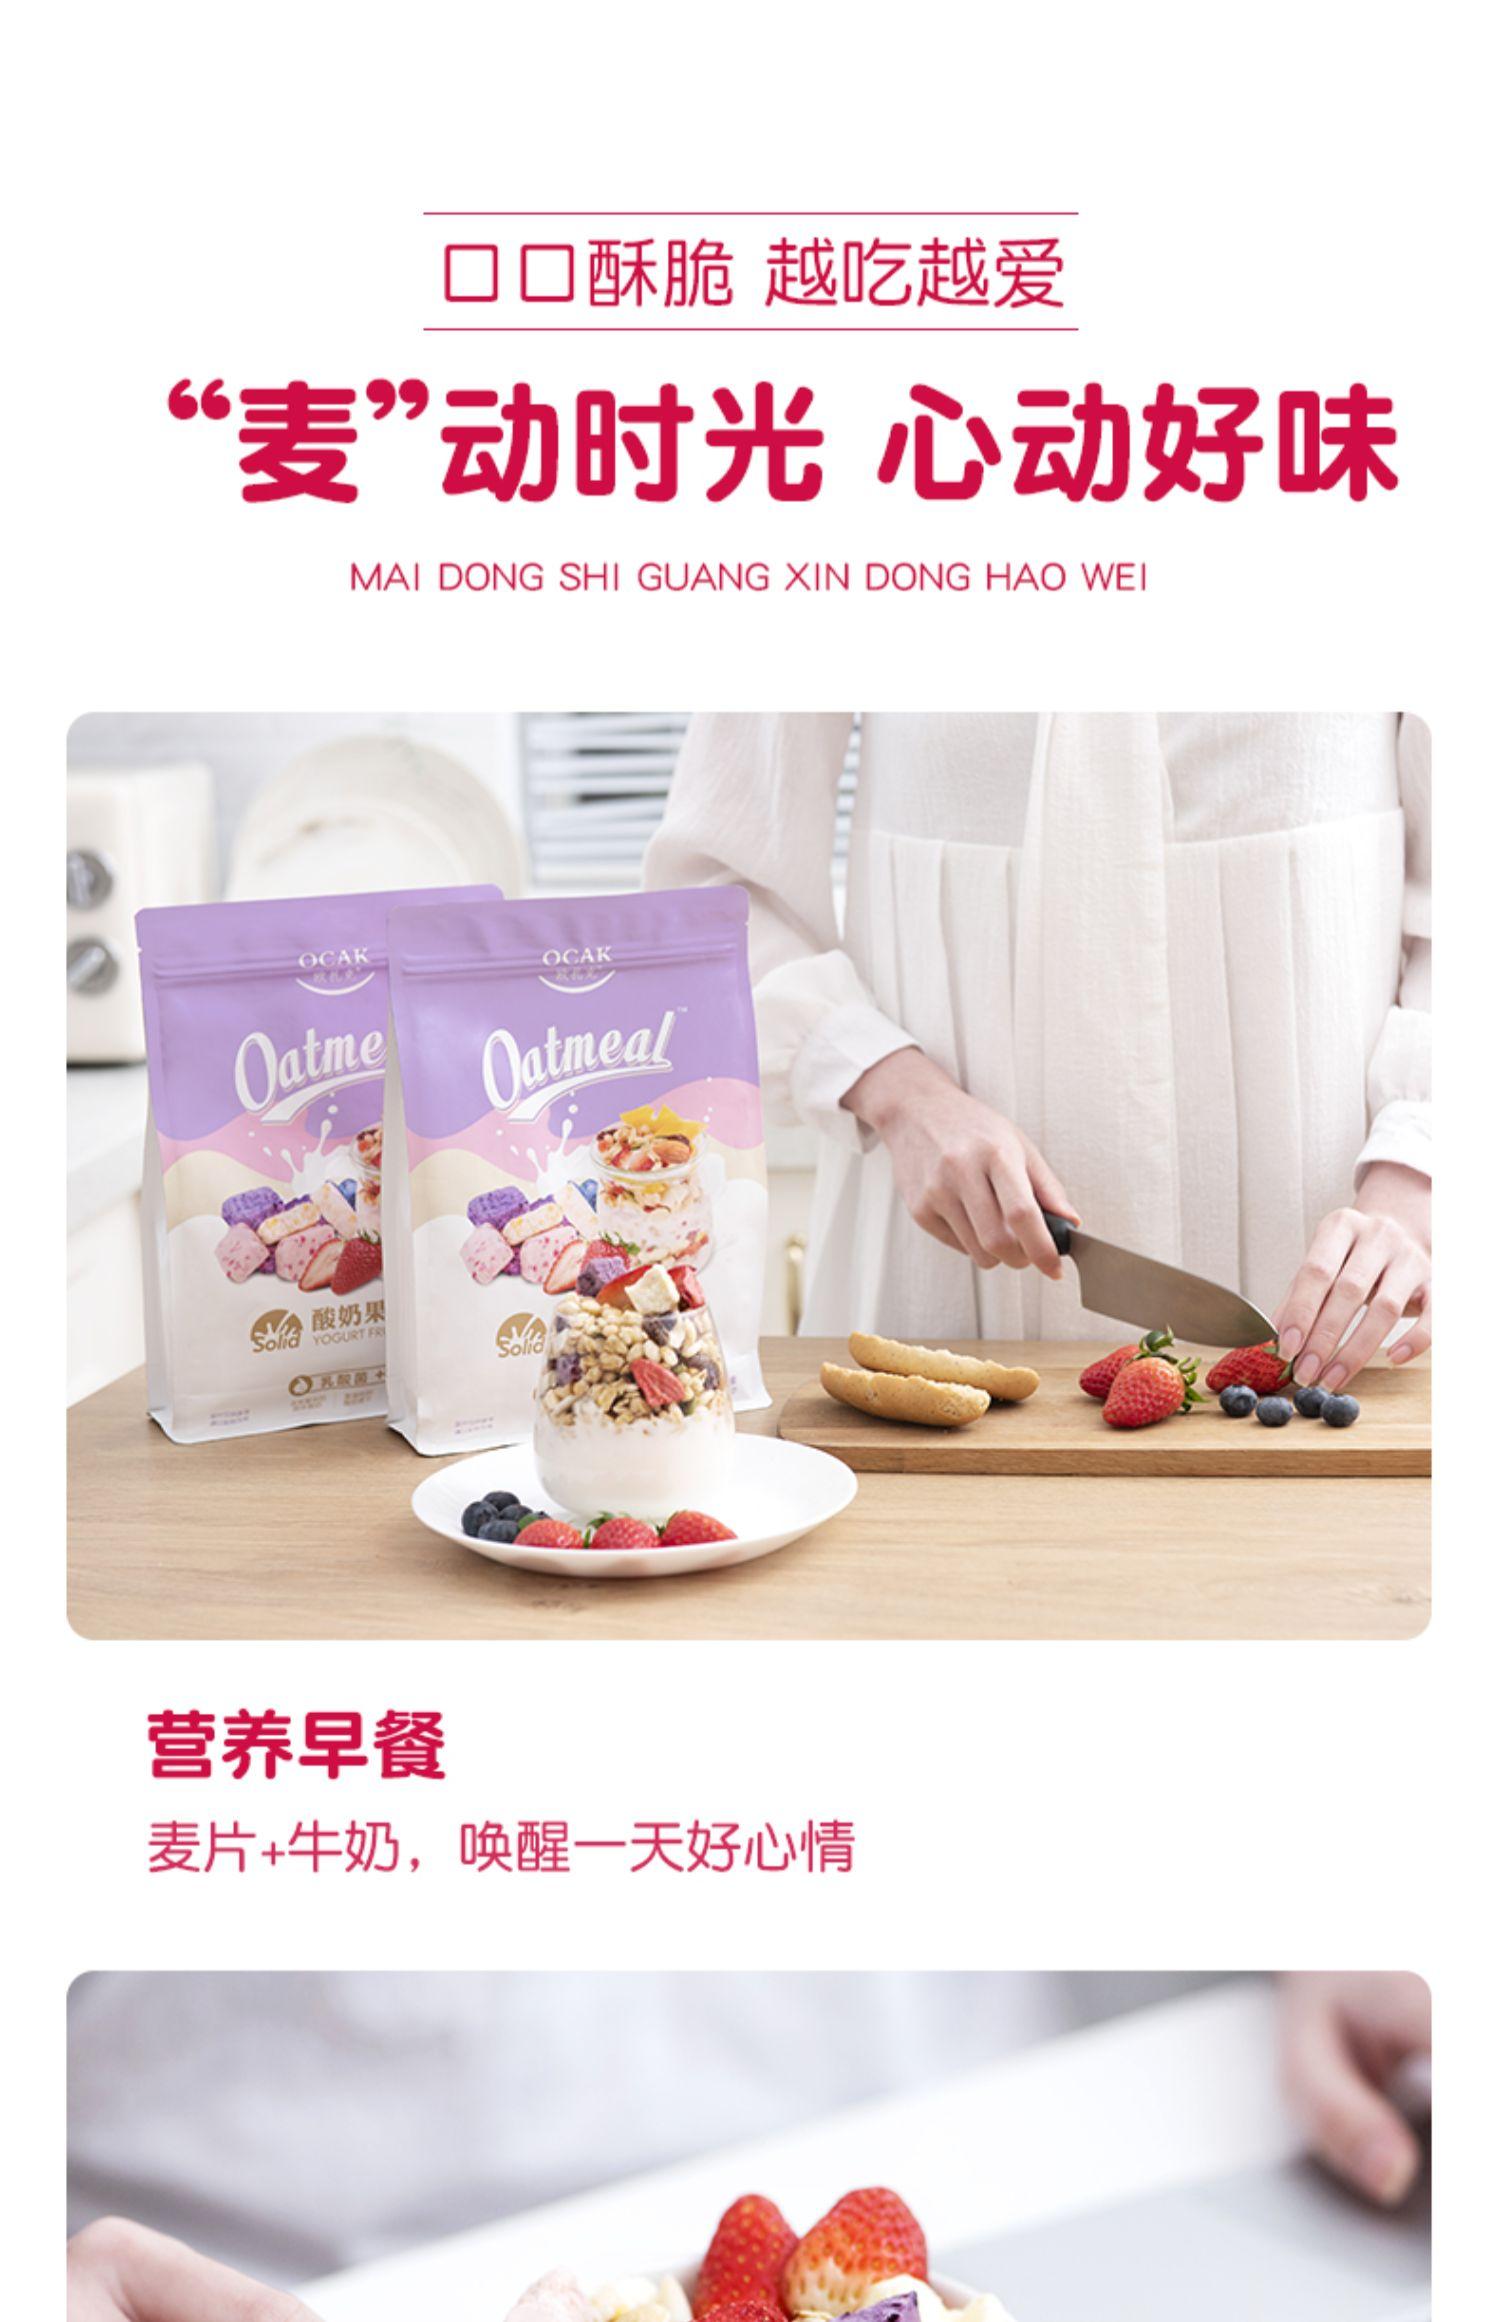 【欧扎克】早餐水果燕麦片共800g